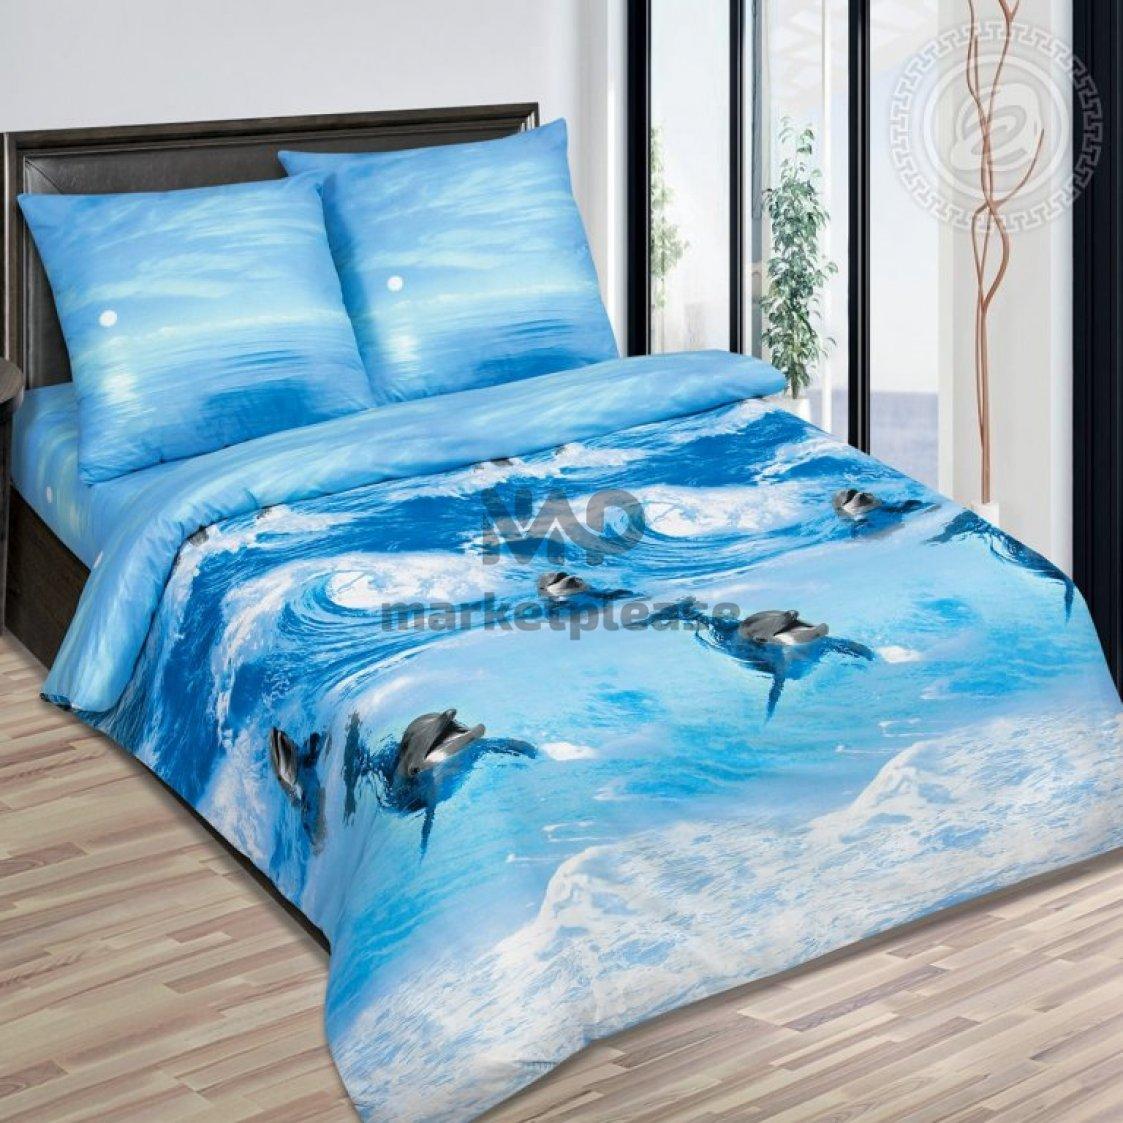 """Рулон ткани поплин """"Дельфины"""" 220 см."""